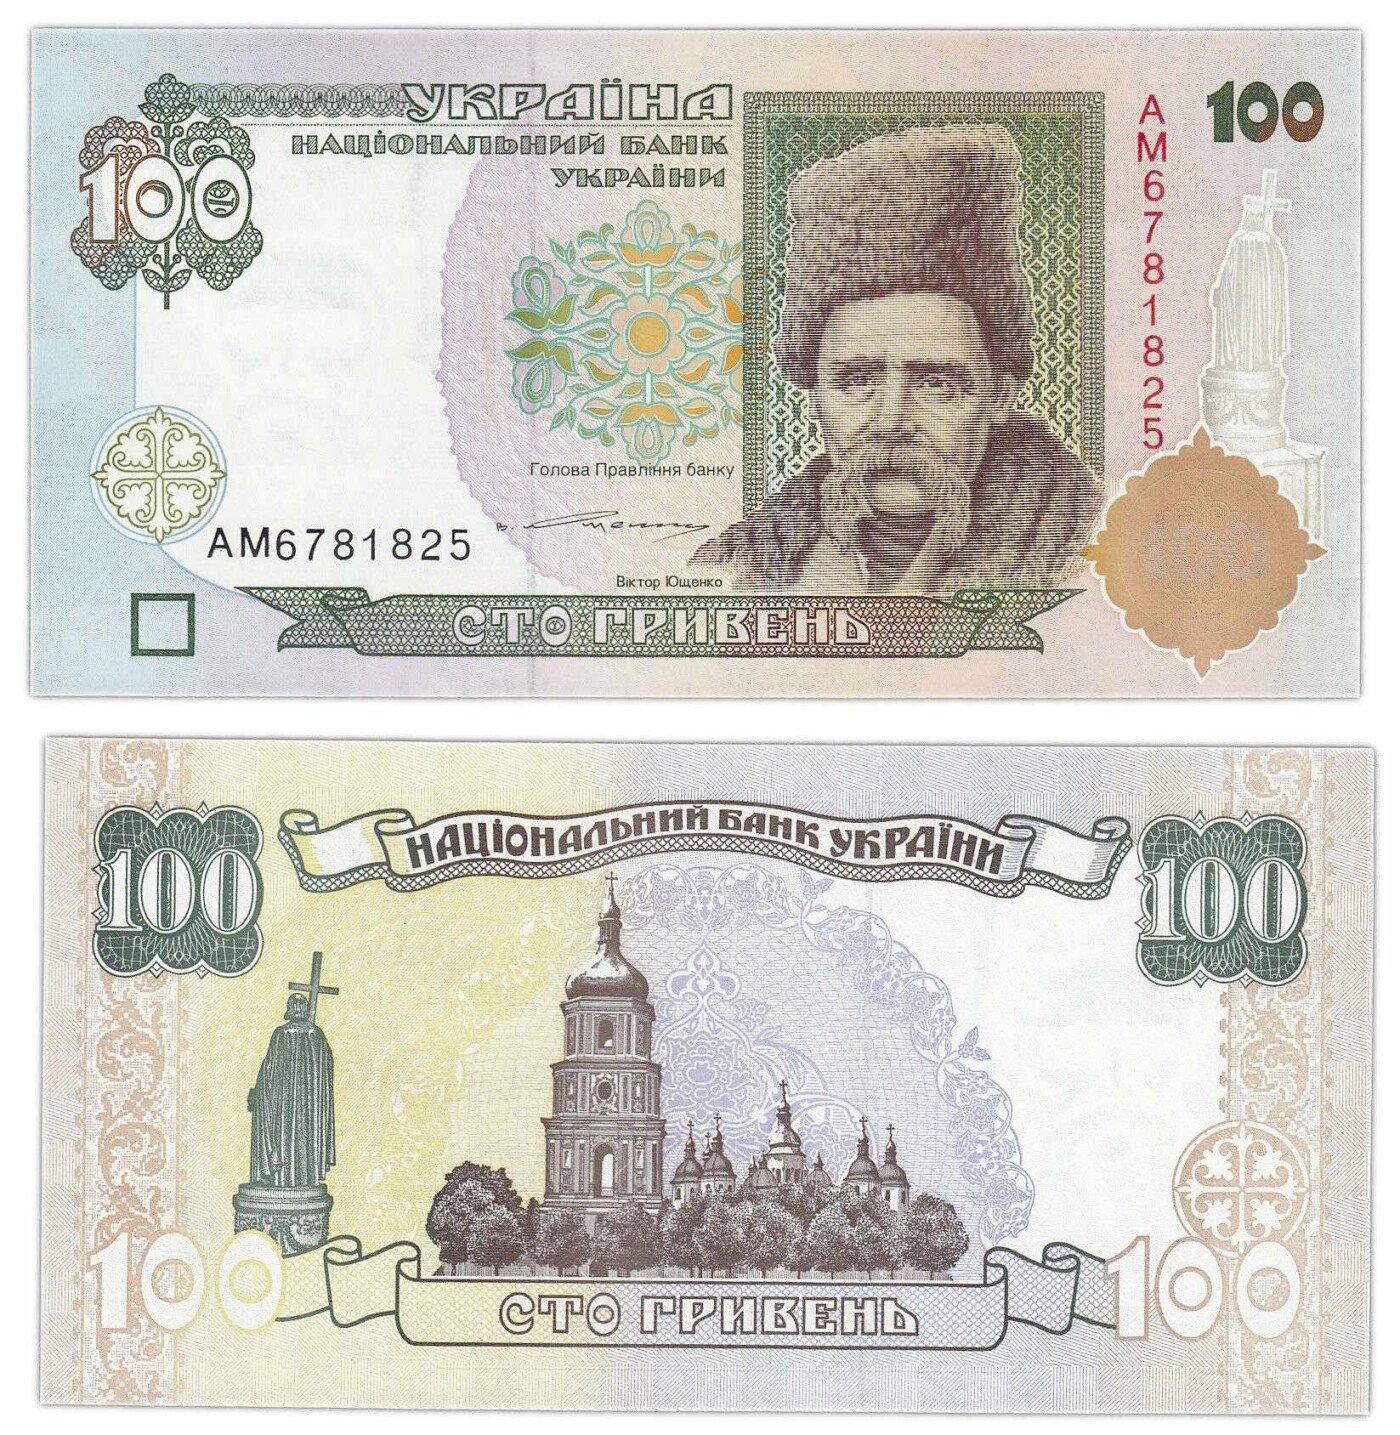 Из 50 гривен 1000 долларов: найди купюру, фото-2